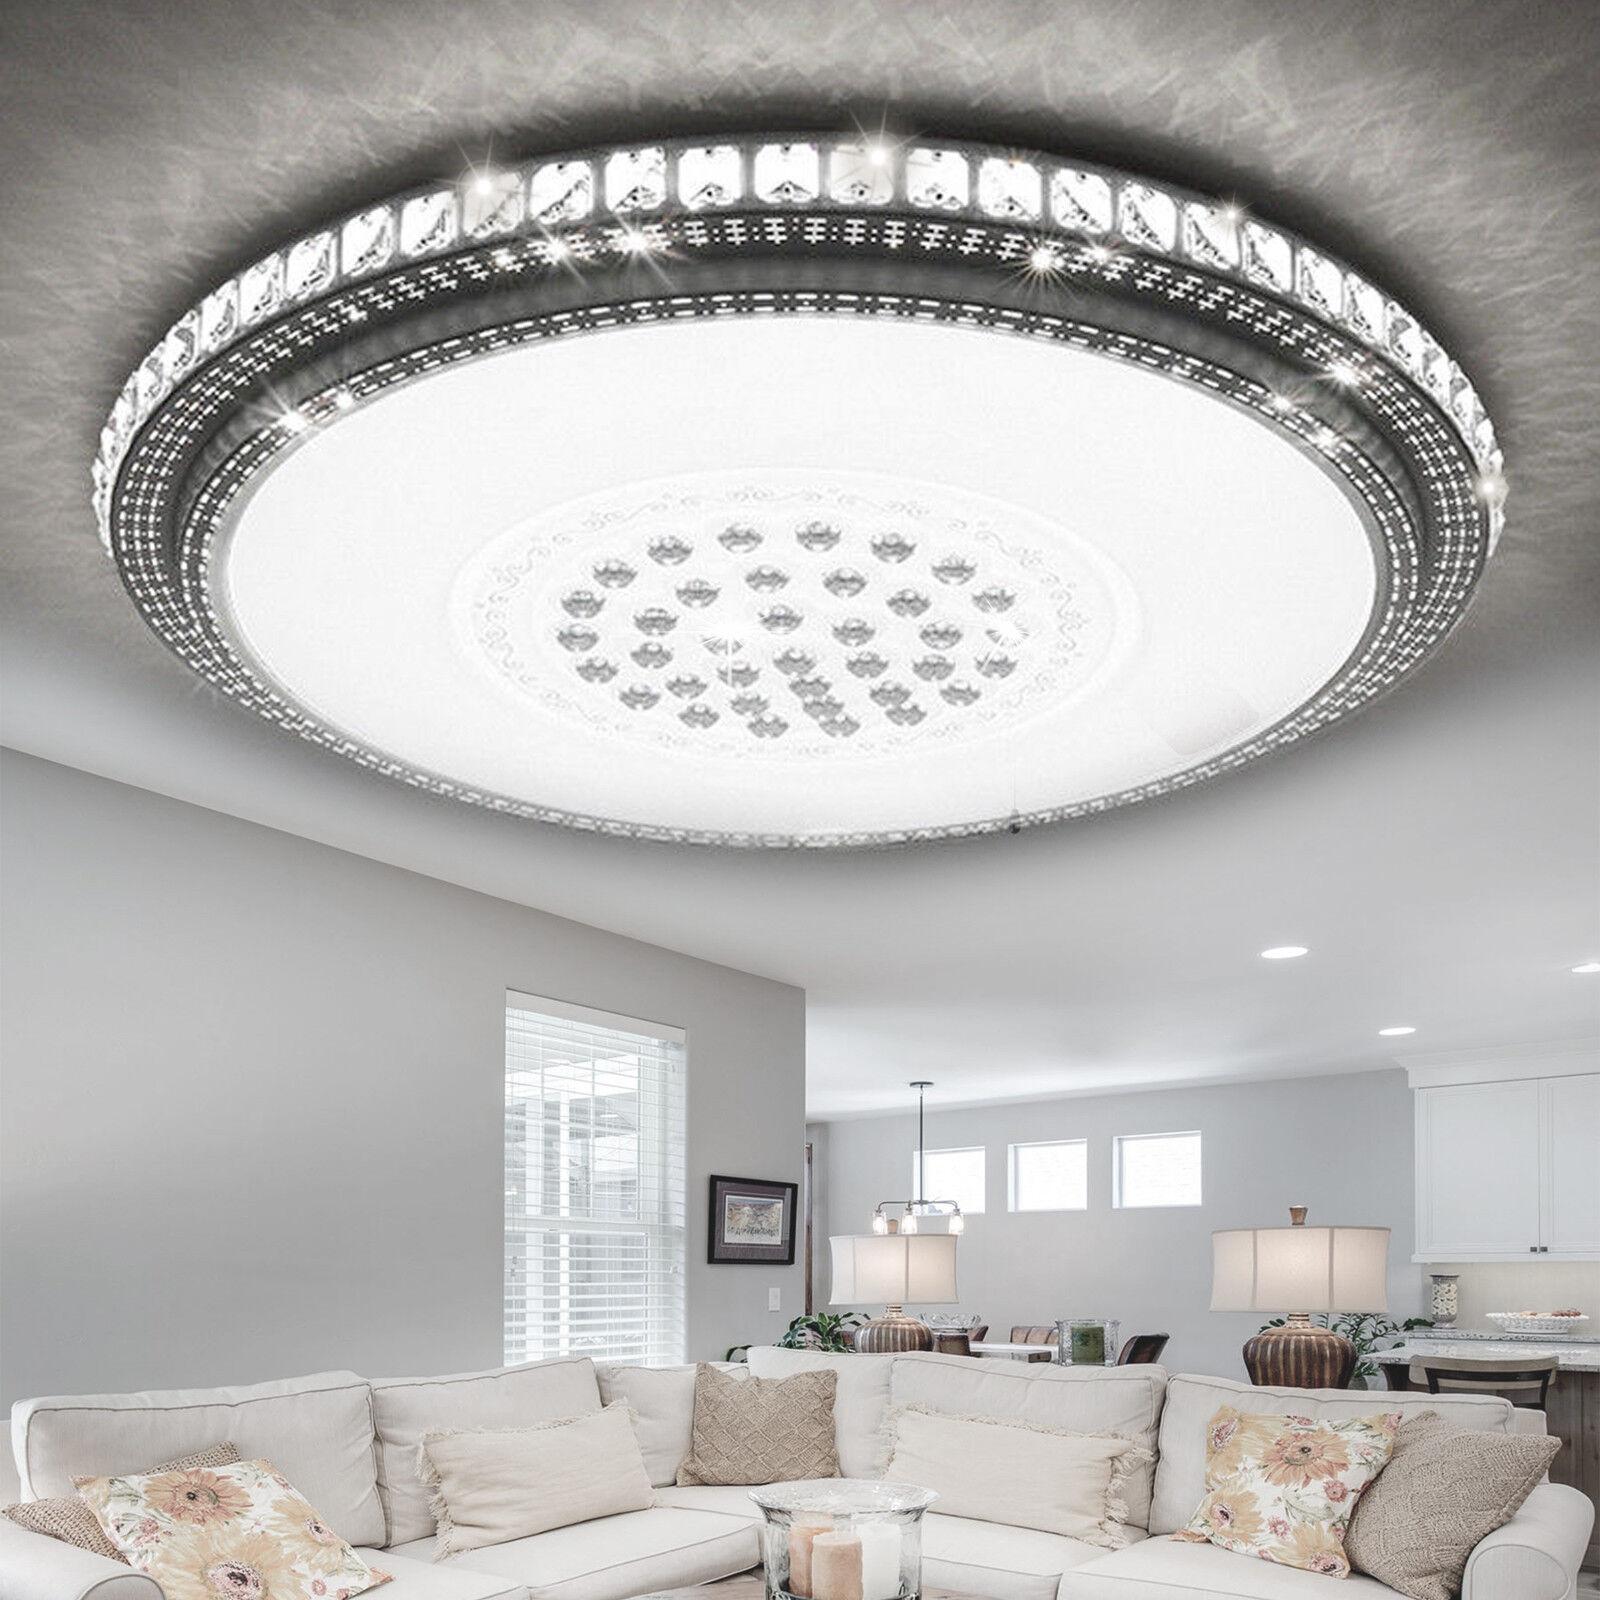 Led Deckenleuchte Luxus Kristall Sternhimmel Deckenlampe Dimmbar Wohnzimmerlampe Ebay